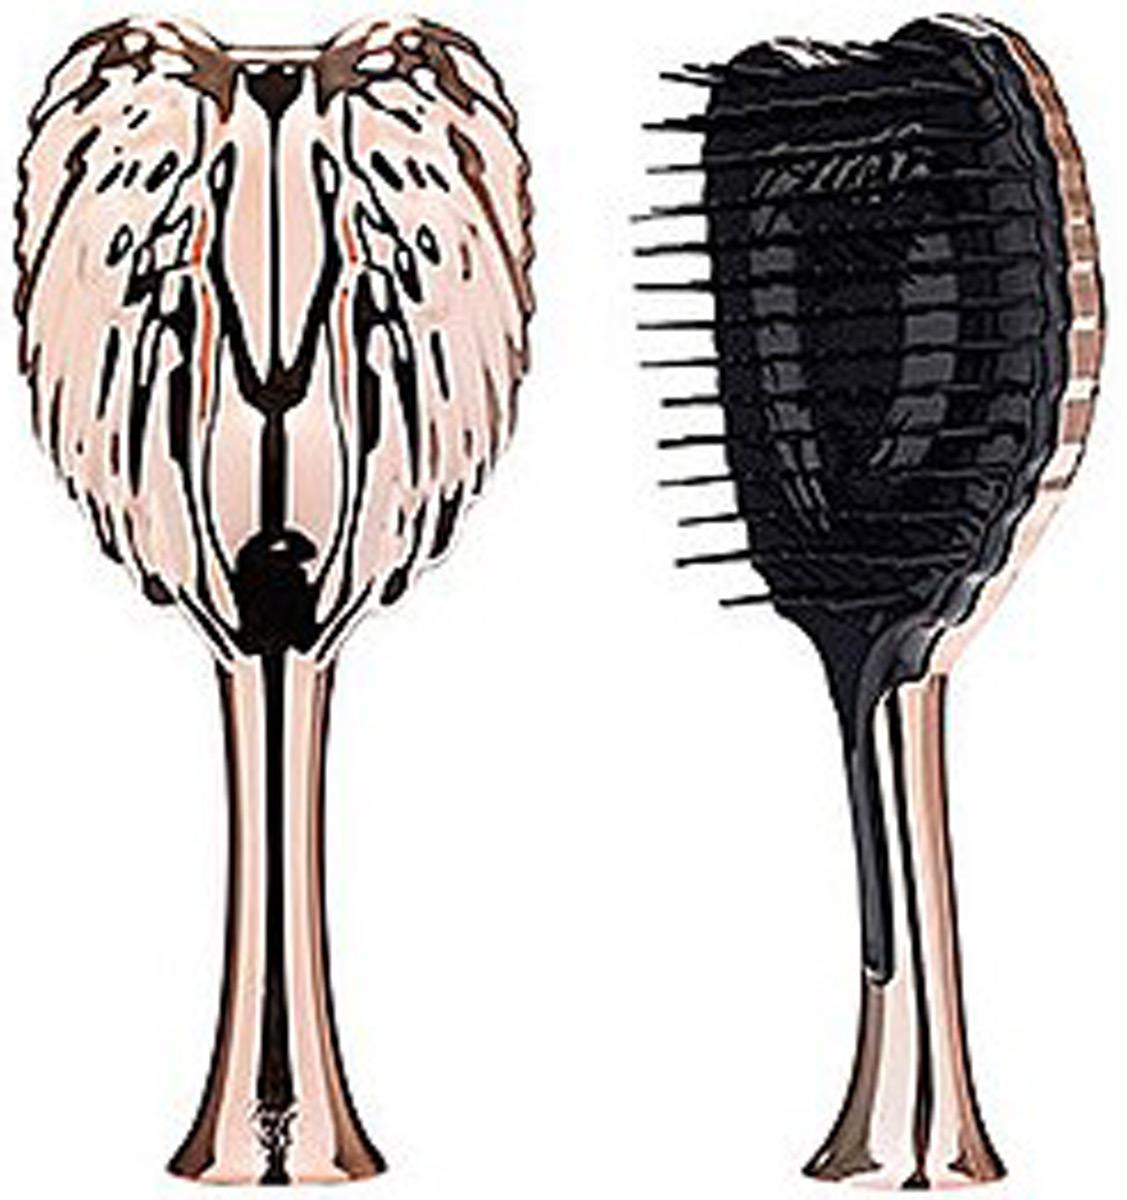 Tangle Angel Pro Расческа для волос Rose Gold21302Tangle Angel Pro - новая революционная расческа-детанглер от лаборатории Ричарда Варда. Специалисты разработали принципиально новые зубчики-лезвия, которые гнуться в противоположных направлениях, за счет чего происходит максимально легкое и безболезненное расчесывание и распутывание узелков на волосах. Уникальная антистатическая вставка сводит к минимуму статичность волос - они больше не будут электризоваться!Tangle Angel Pro идеально подходит для расчесывания как влажных, так и сухих волос, ее спокойно можно использовать вместе с феном.